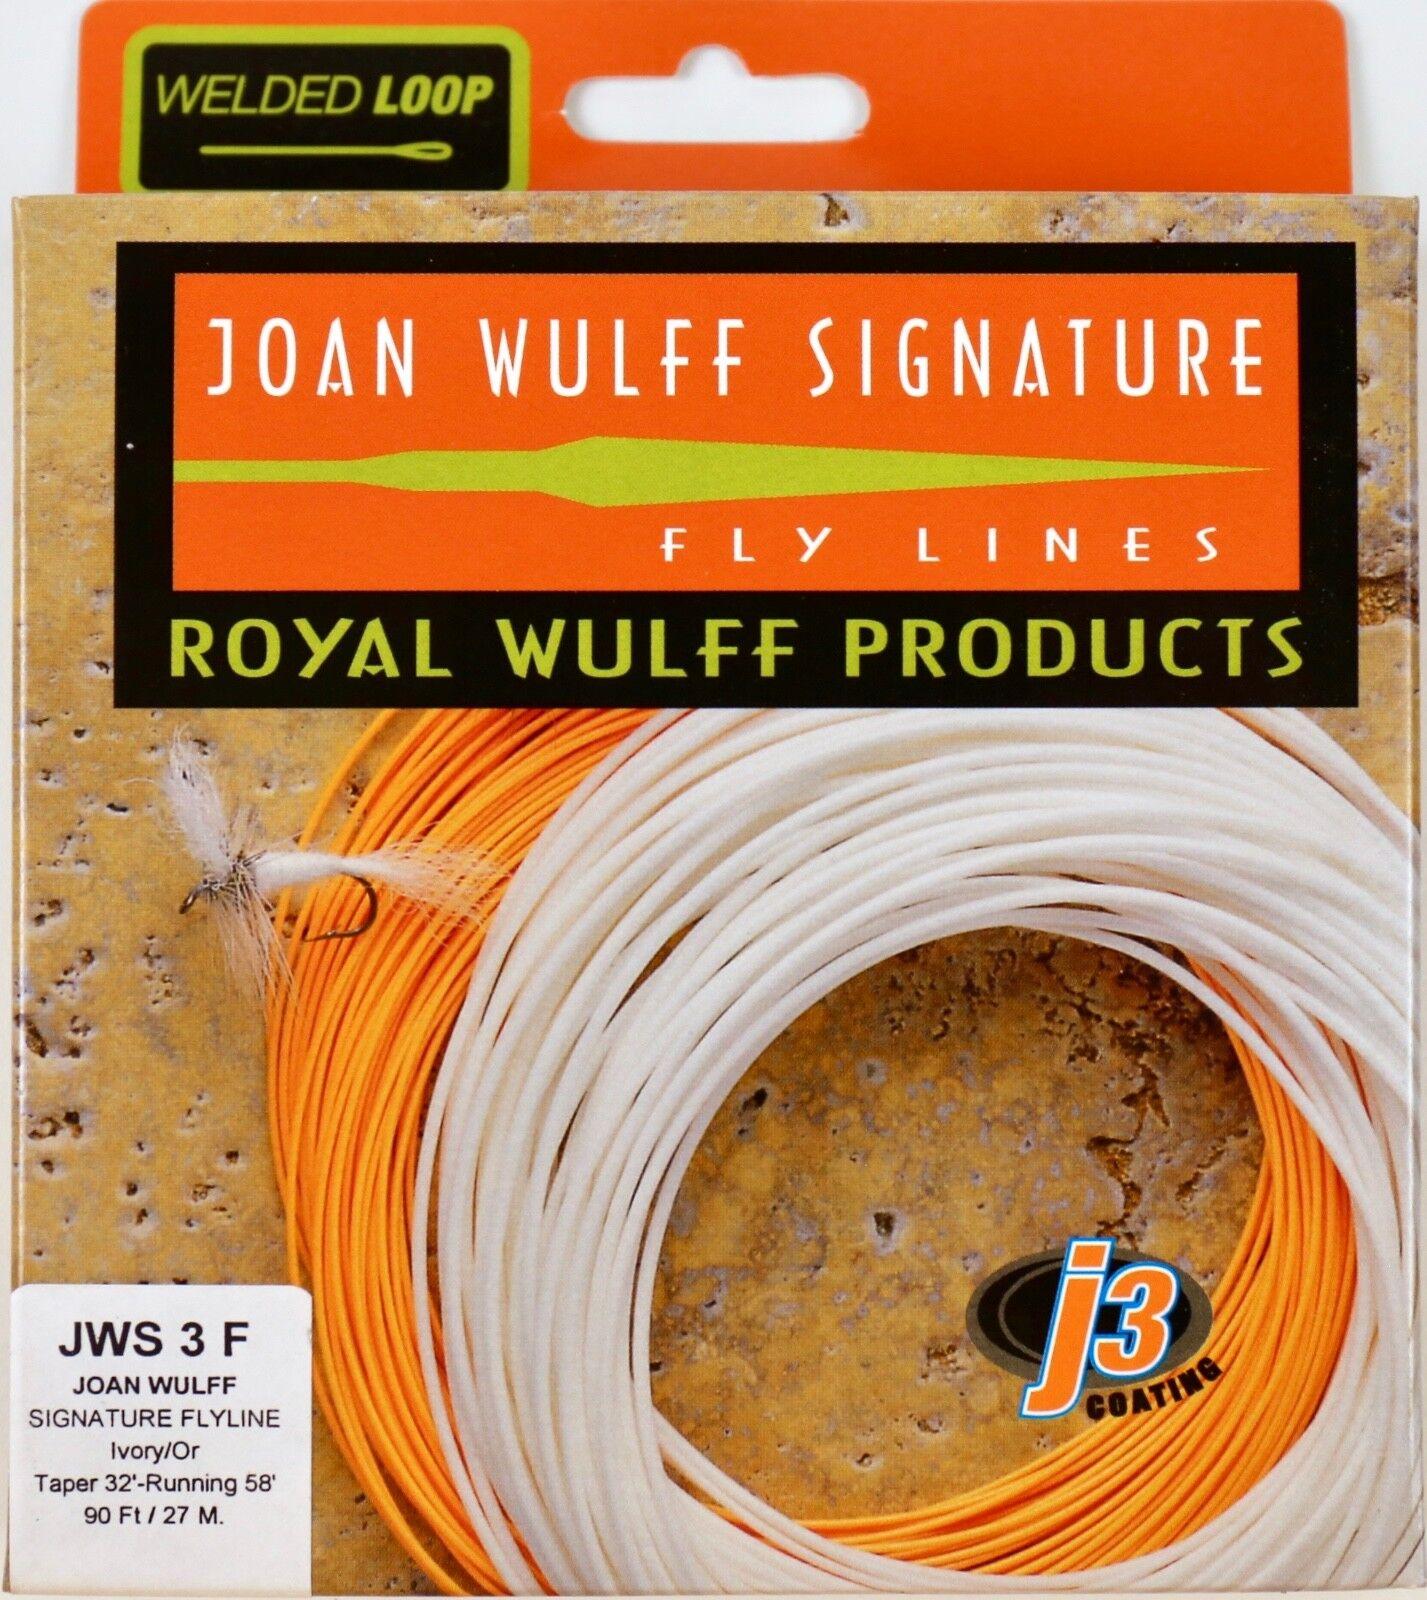 Royal Wulff Joan Wulff firma 3 WT Flotante Línea Mosca  Envío Gratuito JWS3F  tienda en linea